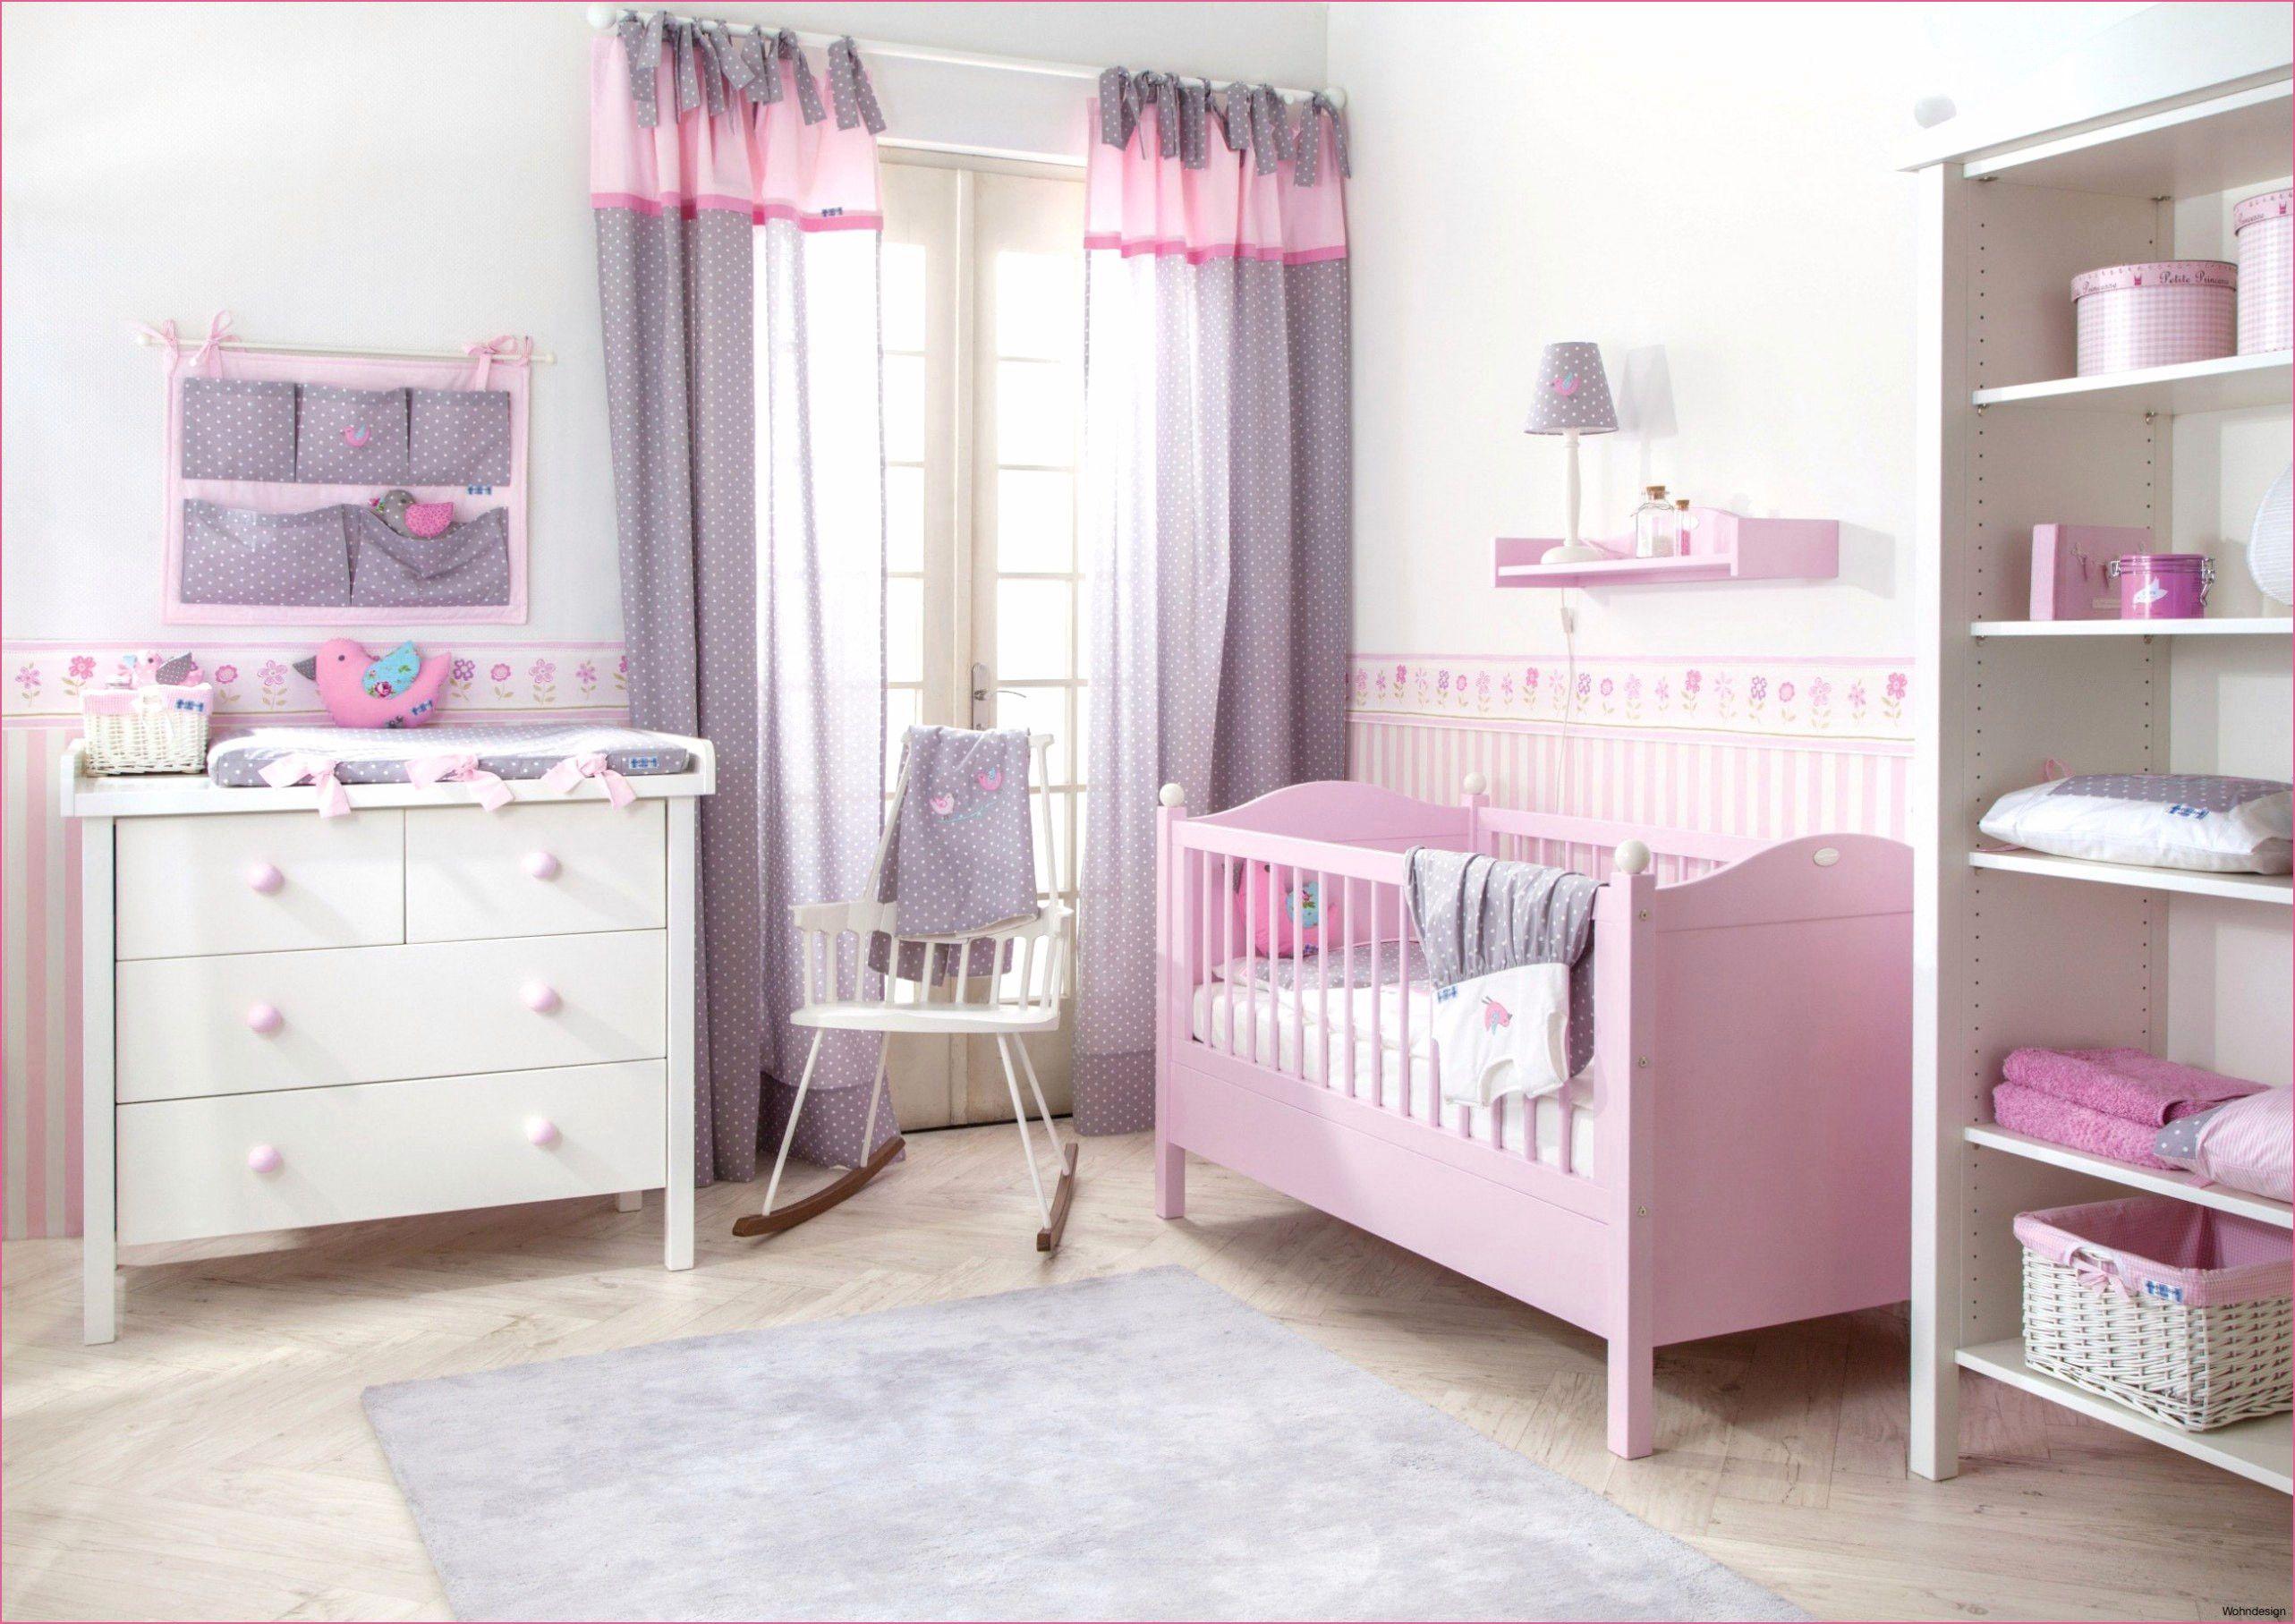 Gestaltung Kinderzimmer Mädchen Gestaltung Kinderzimmer